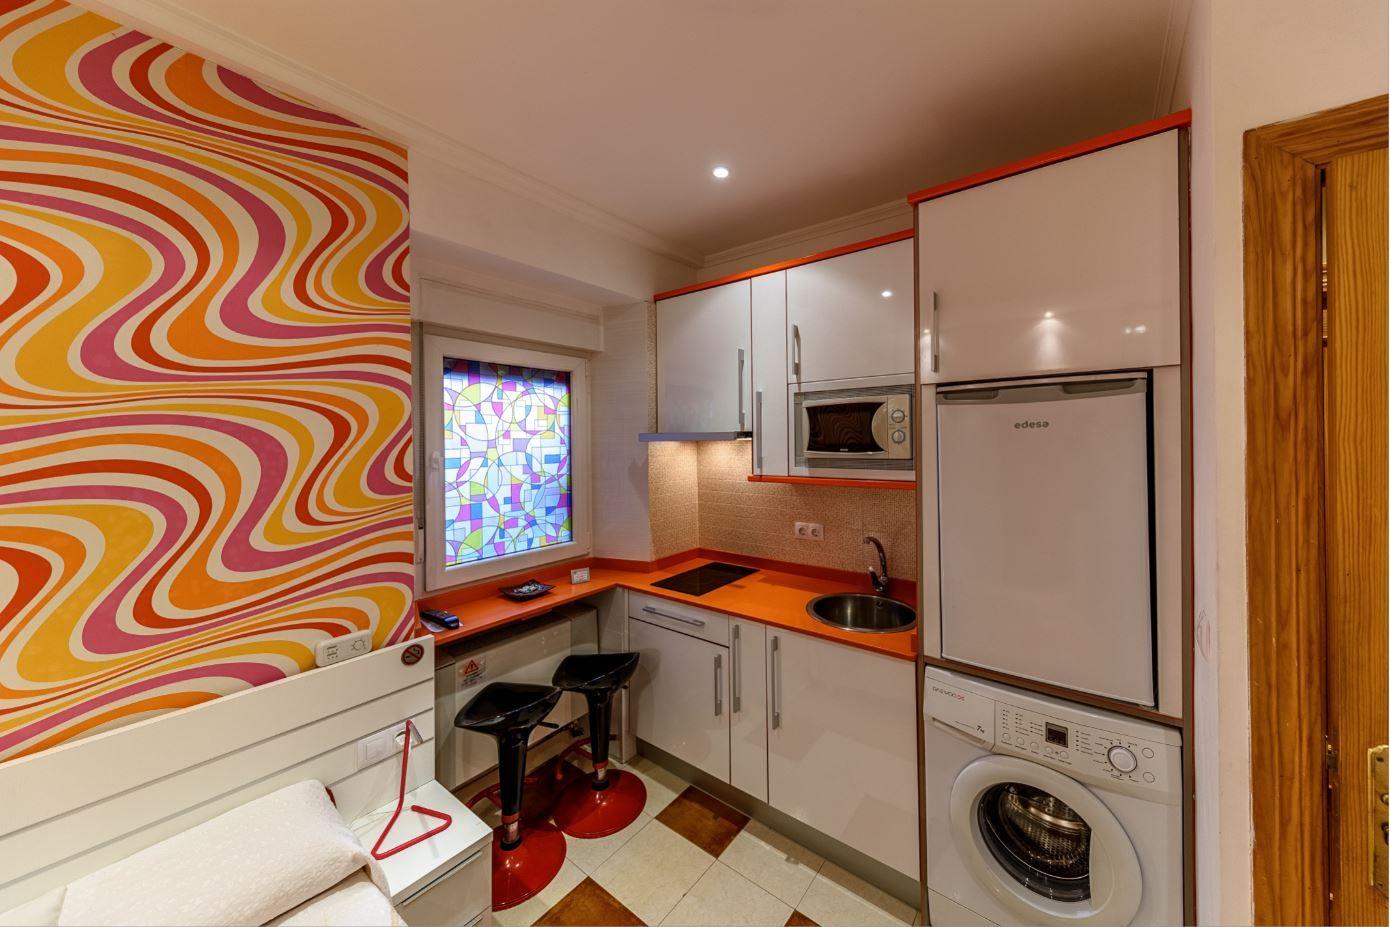 Habitación Doble en hotel Castro Urdiales con cocina